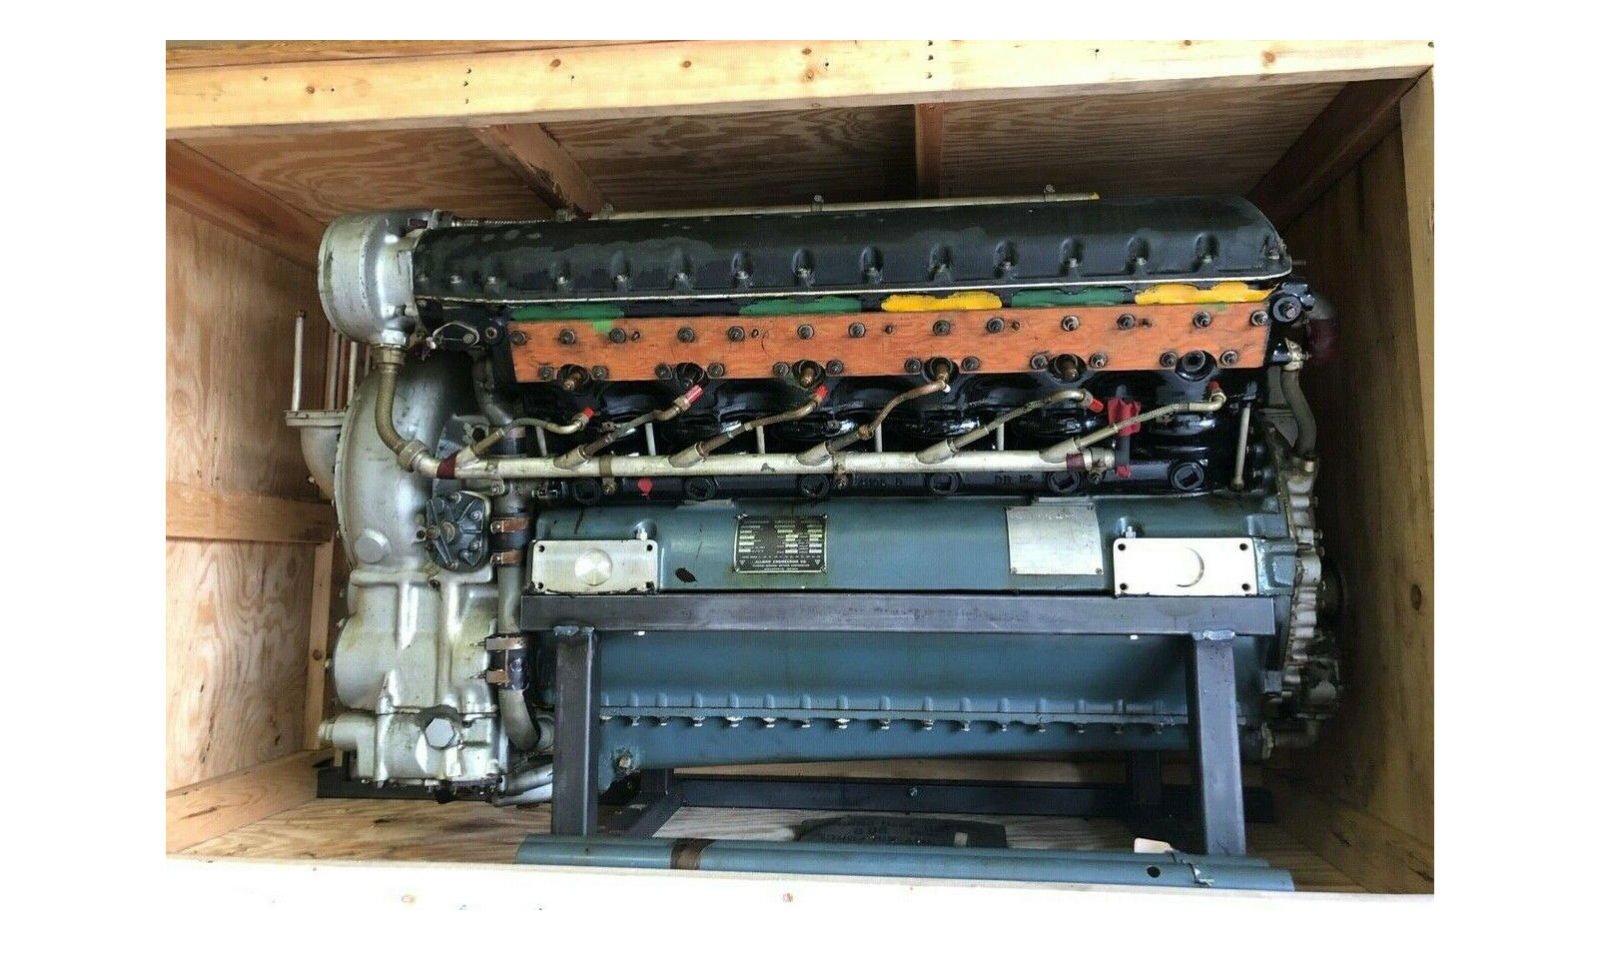 Allison V-1710 aircraft engine